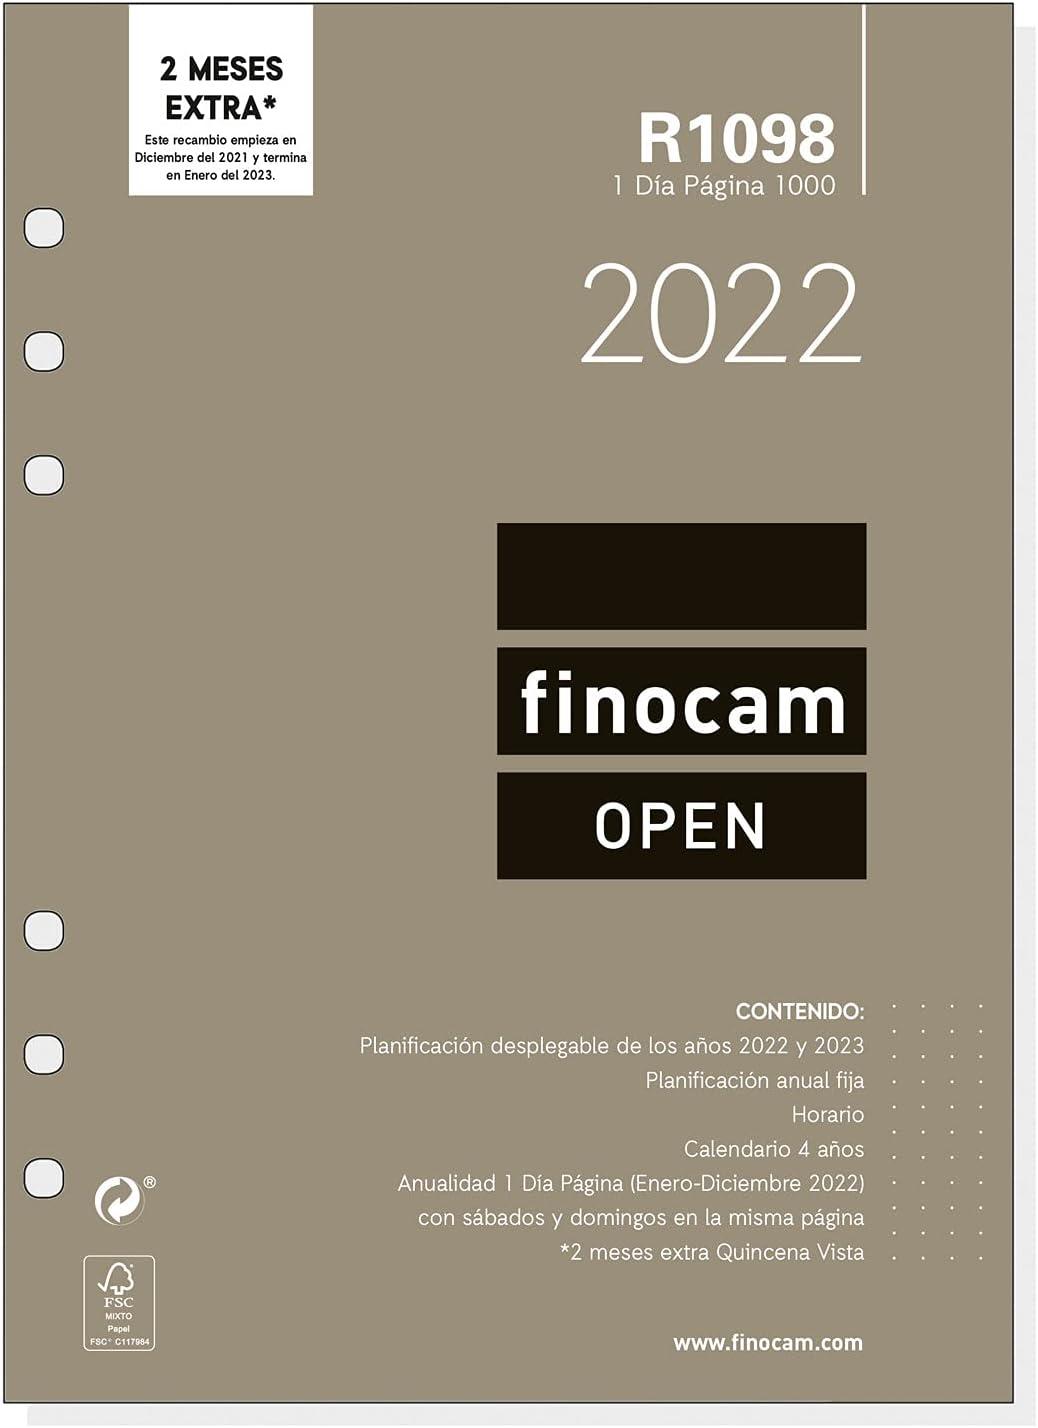 Finocam - Recambio Anual 2022 1 Día Página, de Enero 2022 a Diciembre 2022 (12 meses) 1000 - 155x215 mm Open Español